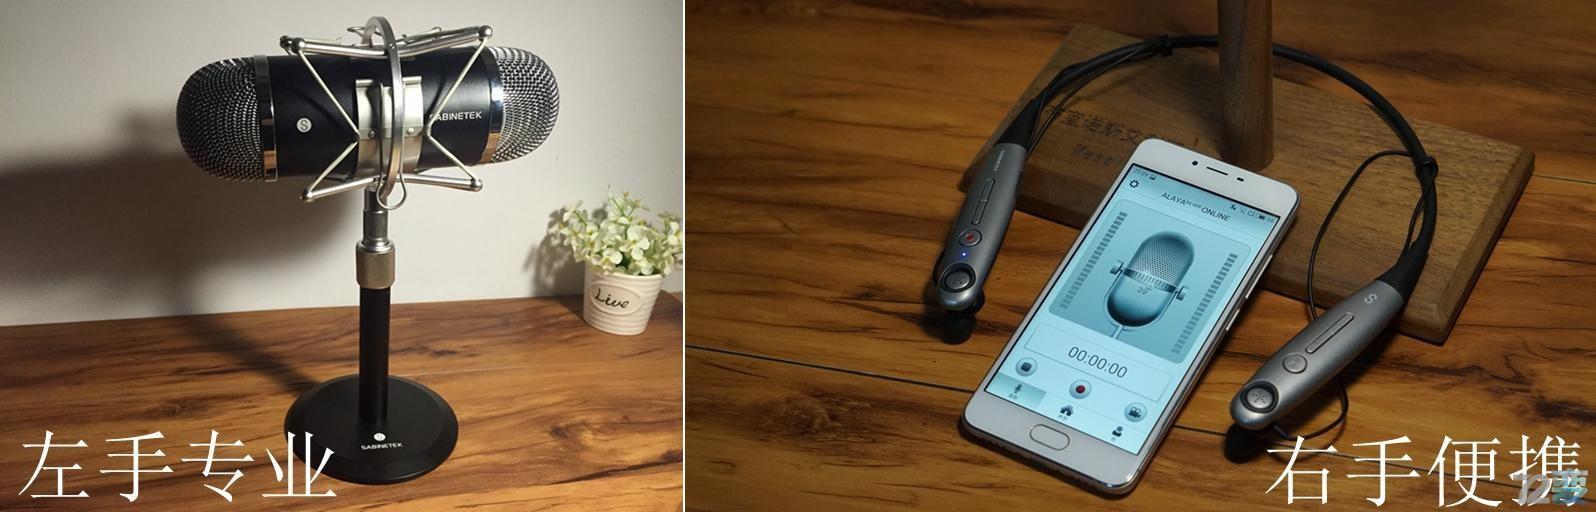 塞宾ALAYA 3D无线录音耳机 出色版图文评测